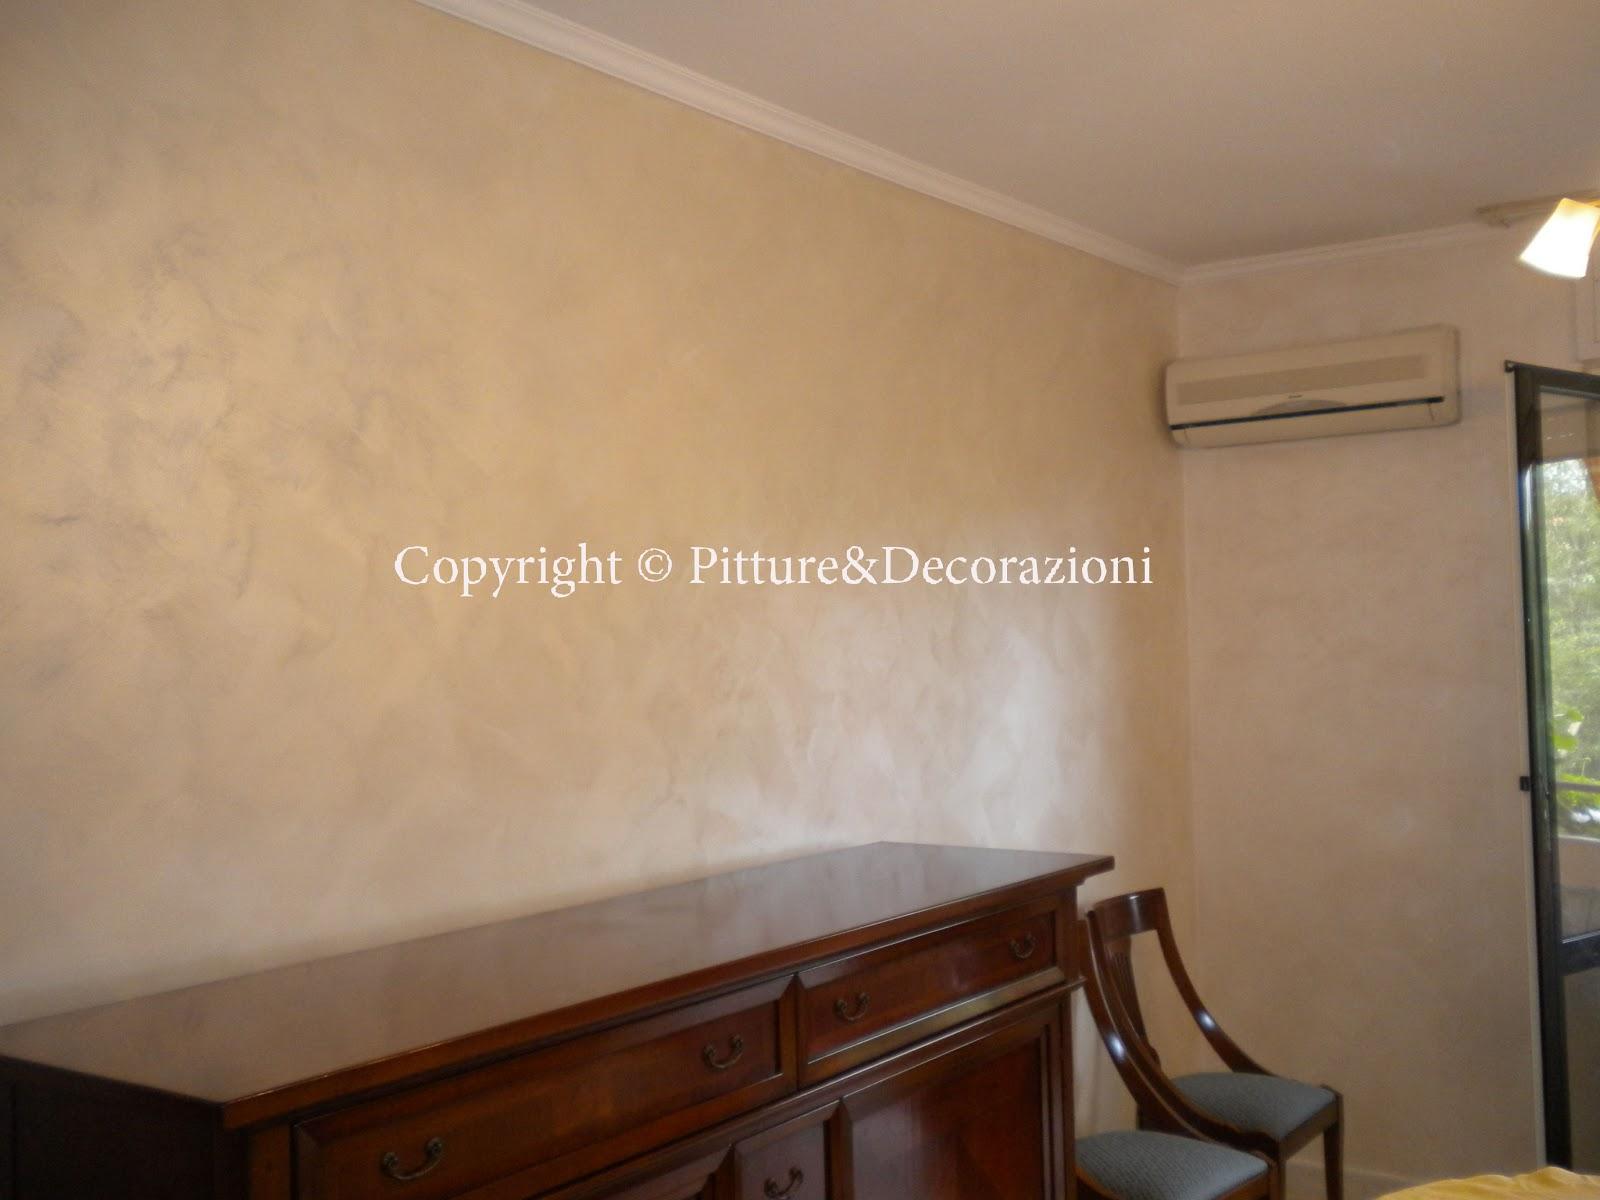 Pitture&Decorazioni: